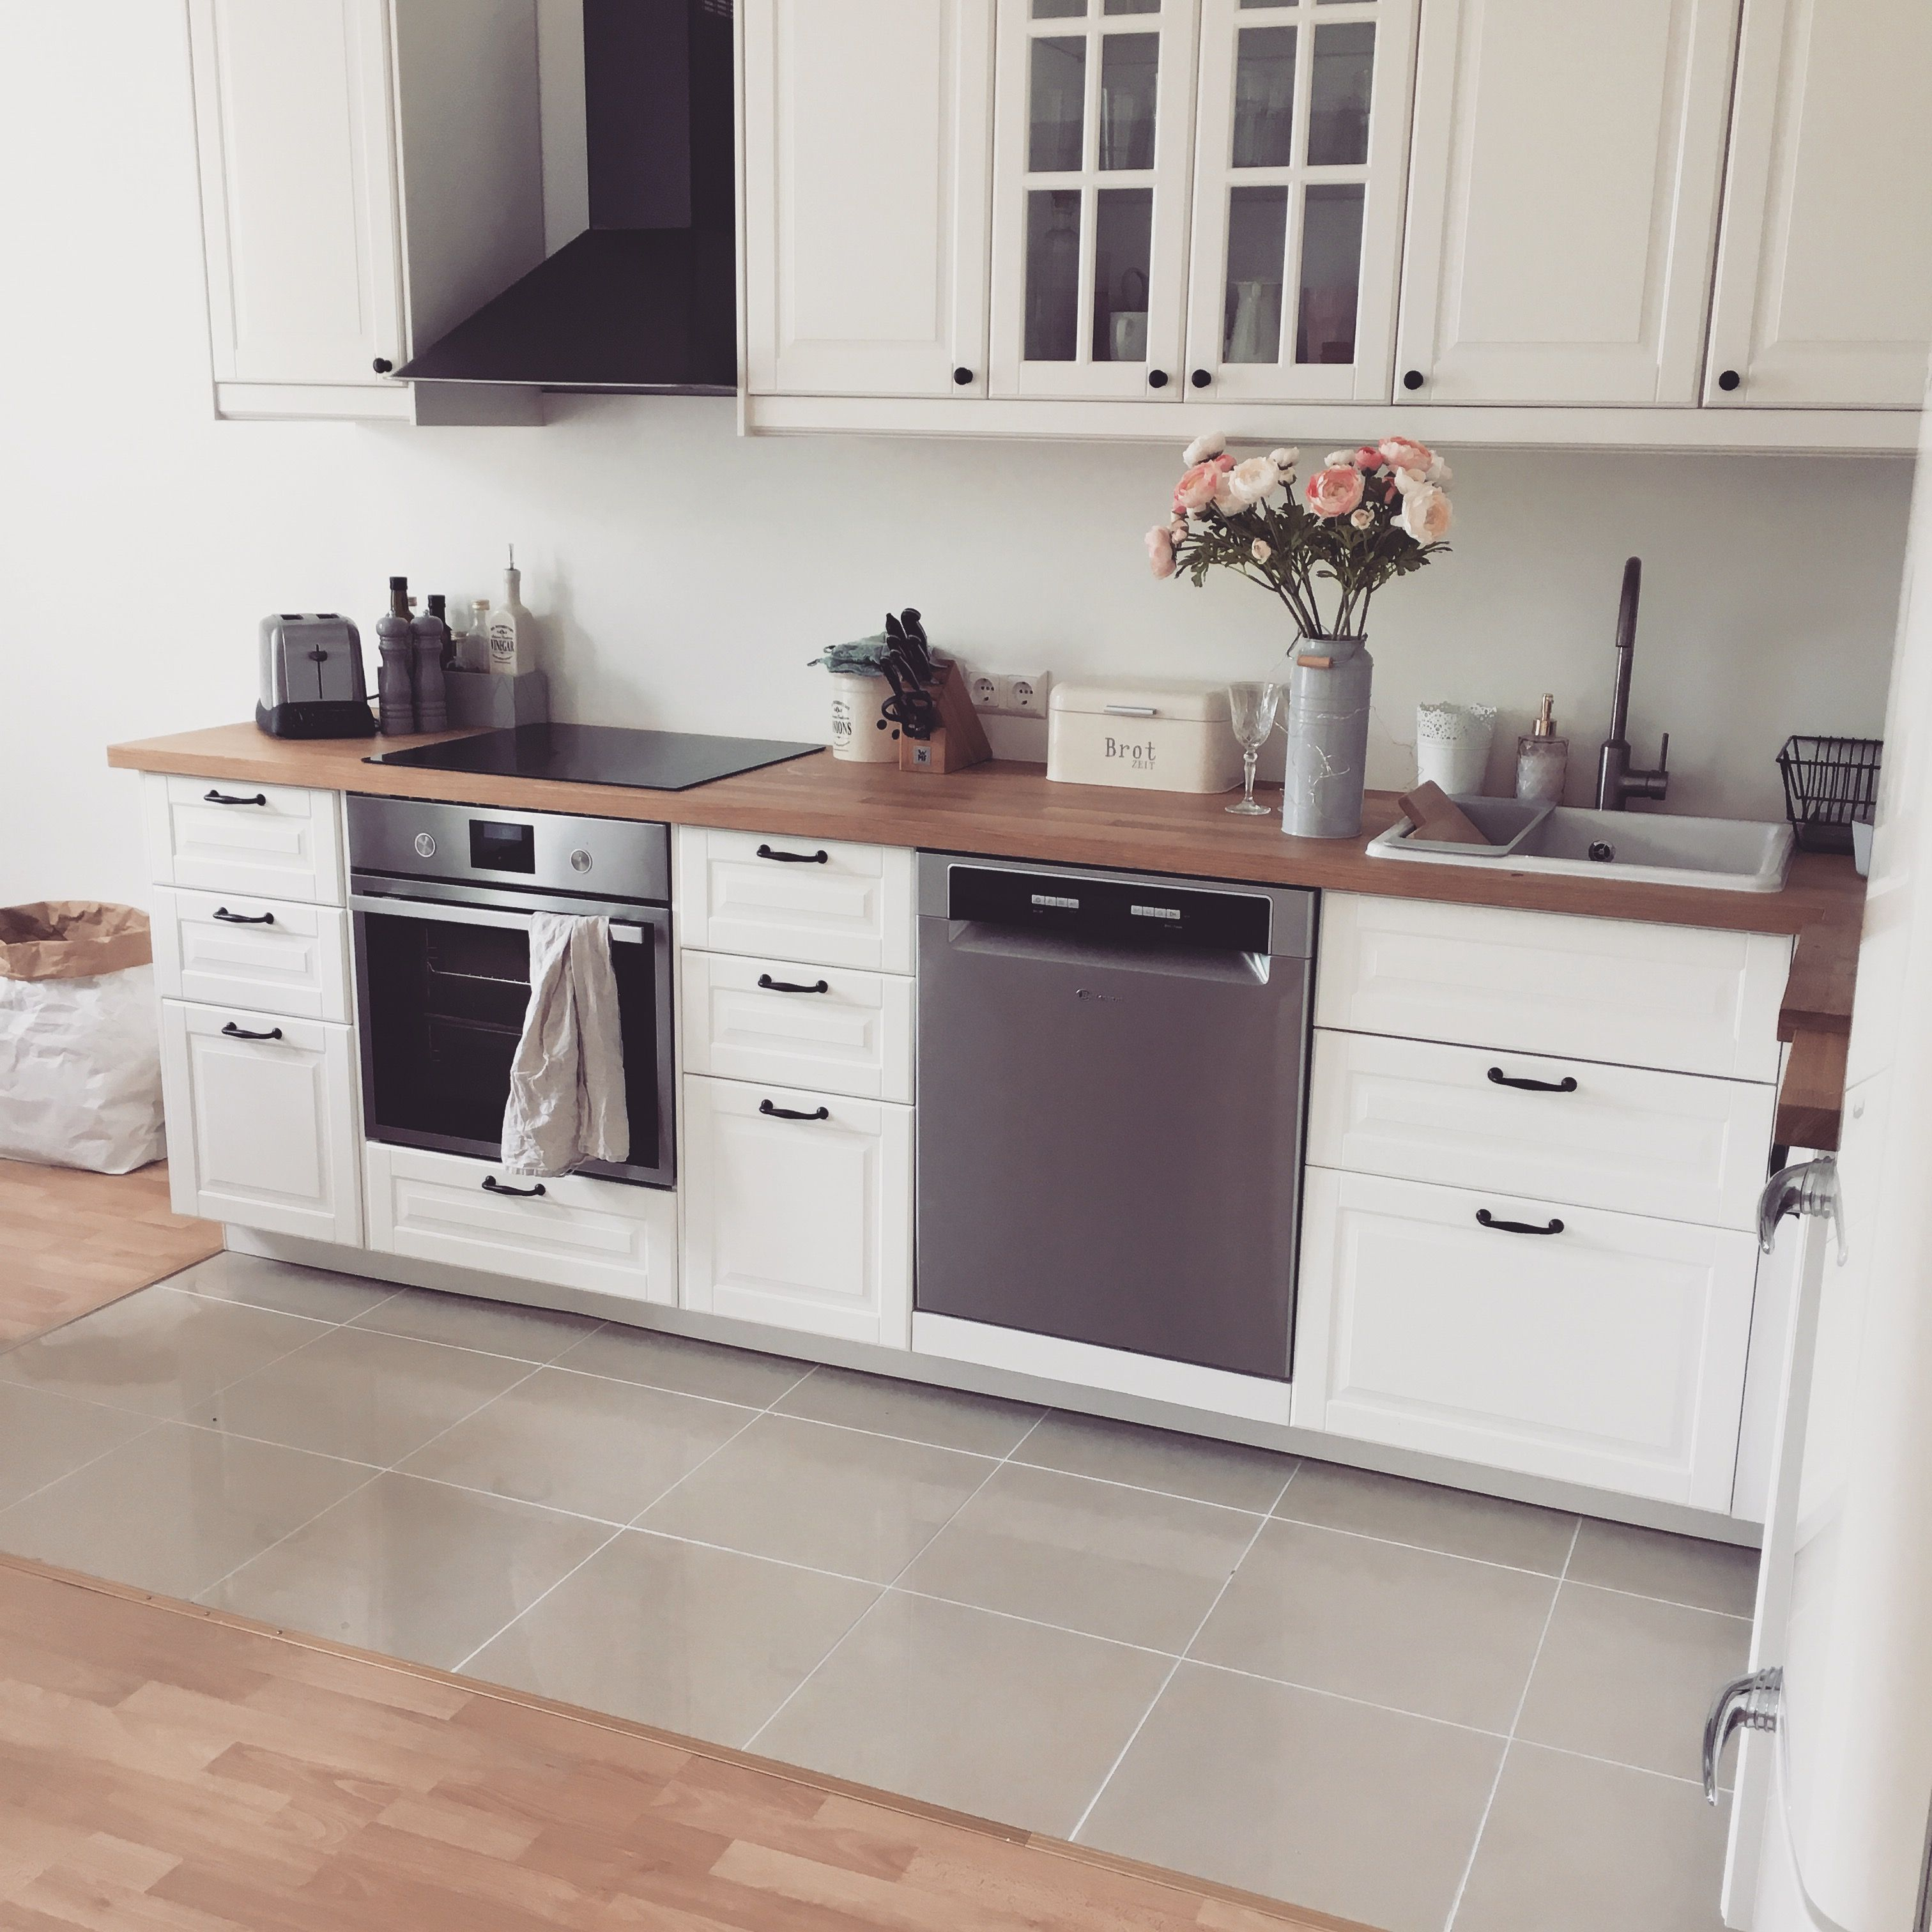 Küche Ikea Weiß Awesome Lieblingsplatz Ikea Küche Landhausstil Bodbyn Ikea in 2020   Kitchen ...